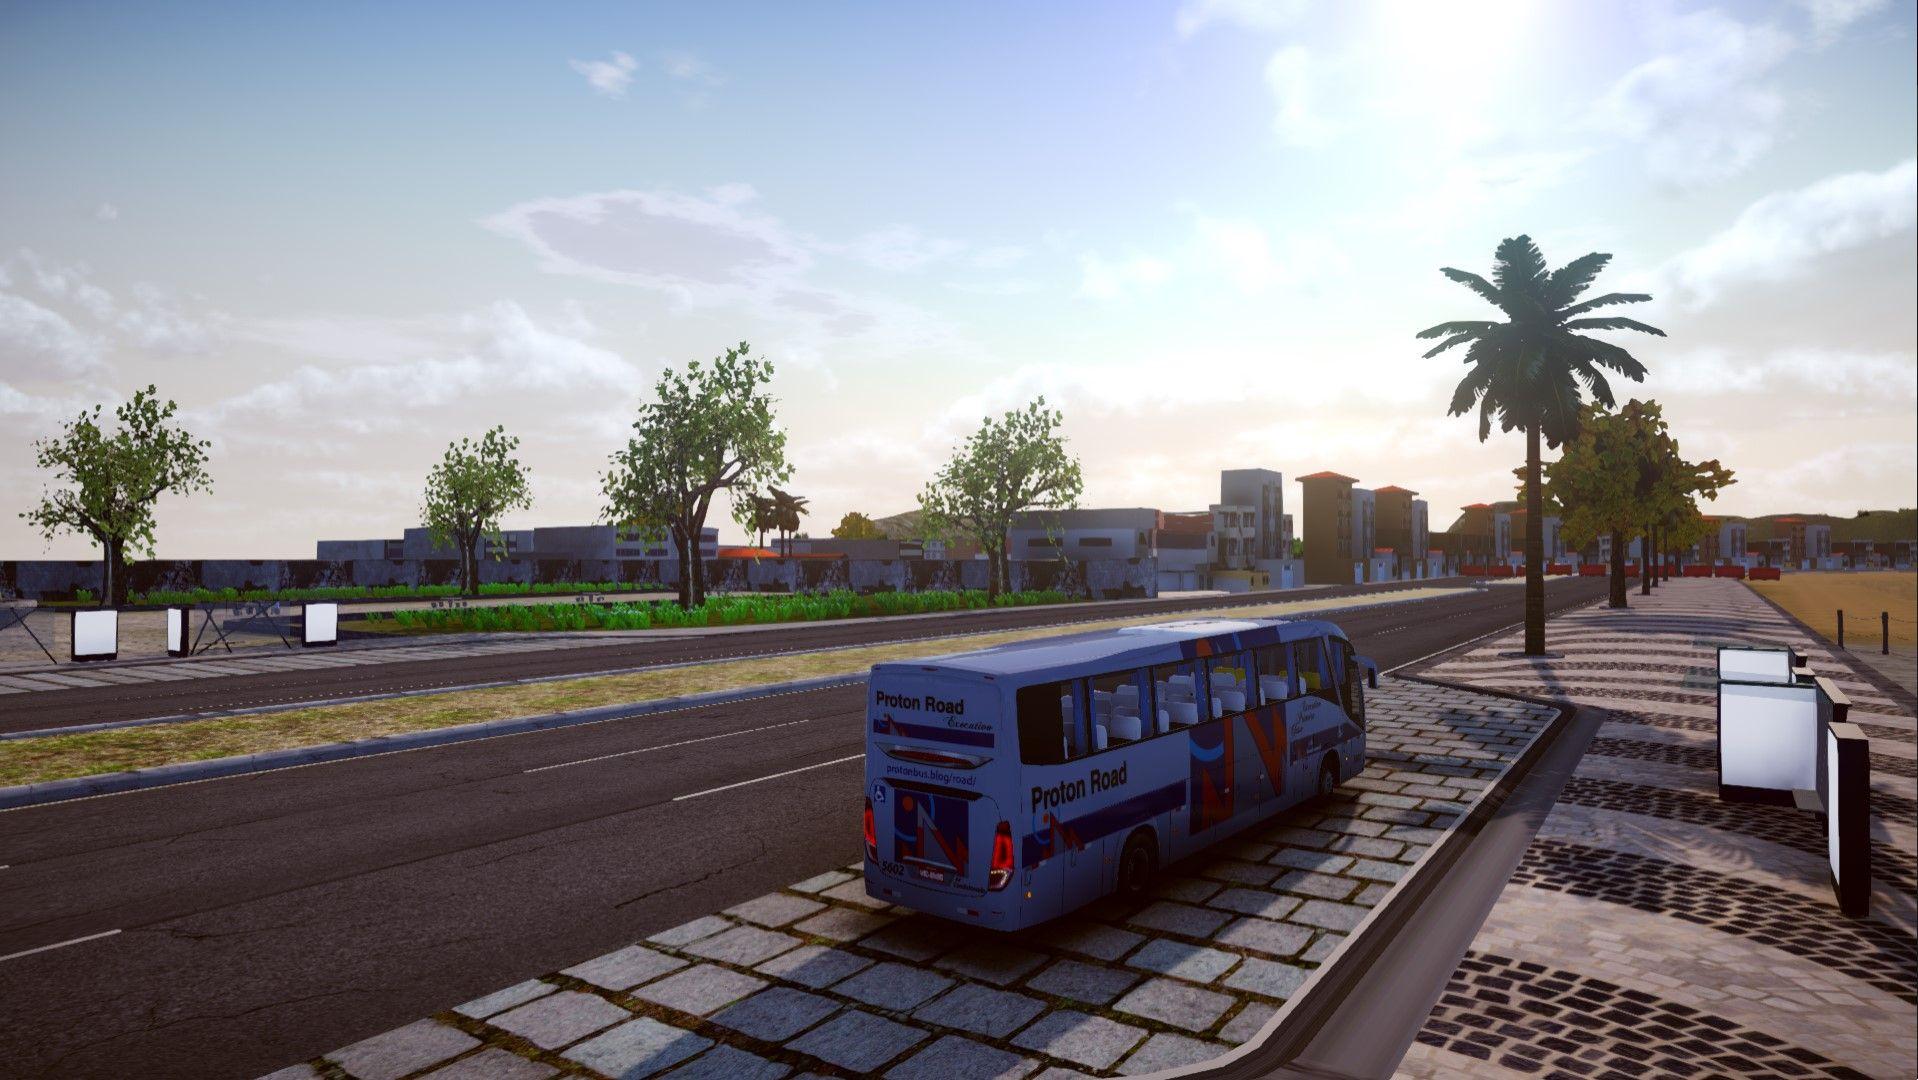 Assim será a nova Caraguatatuba no Proton Bus Road, confira a imagem!